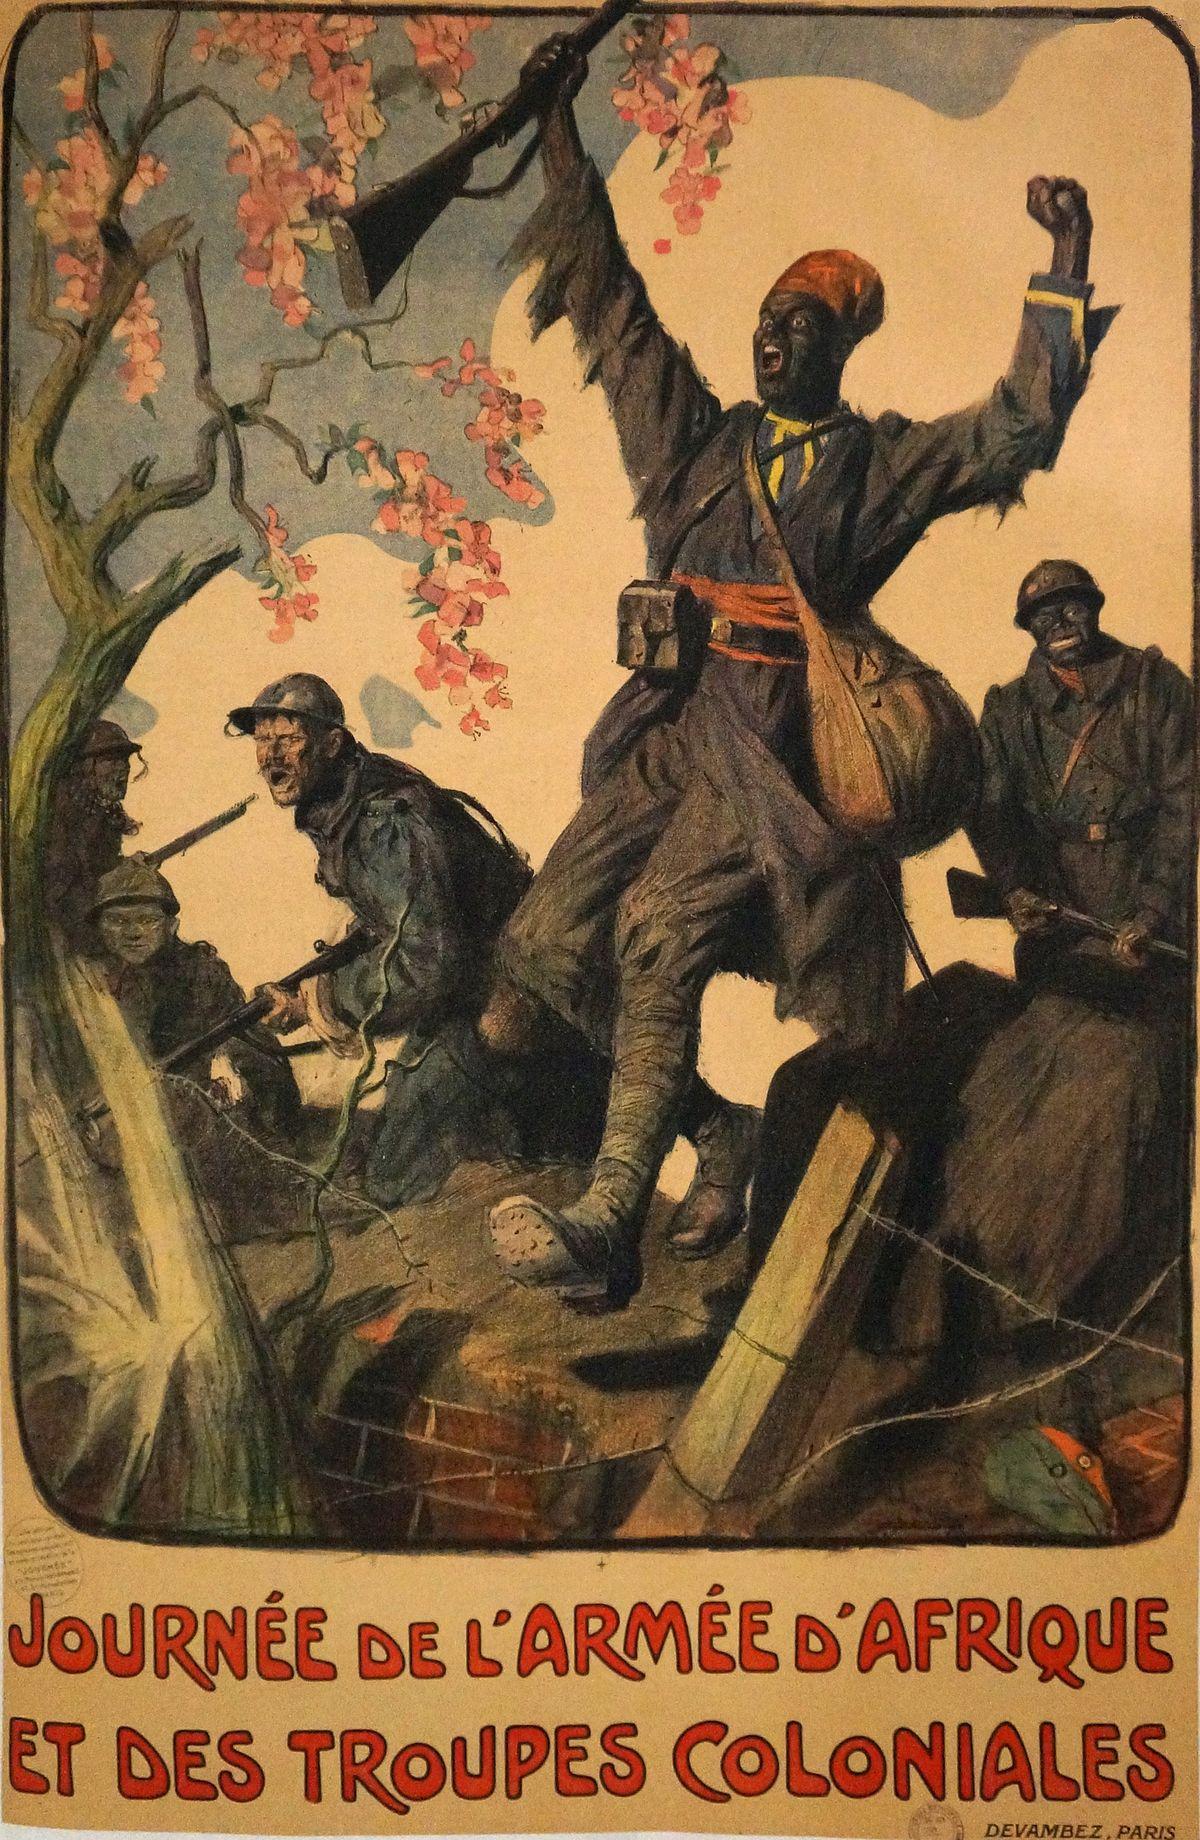 Journée de l'Armée d'Afrique 08708.jpg